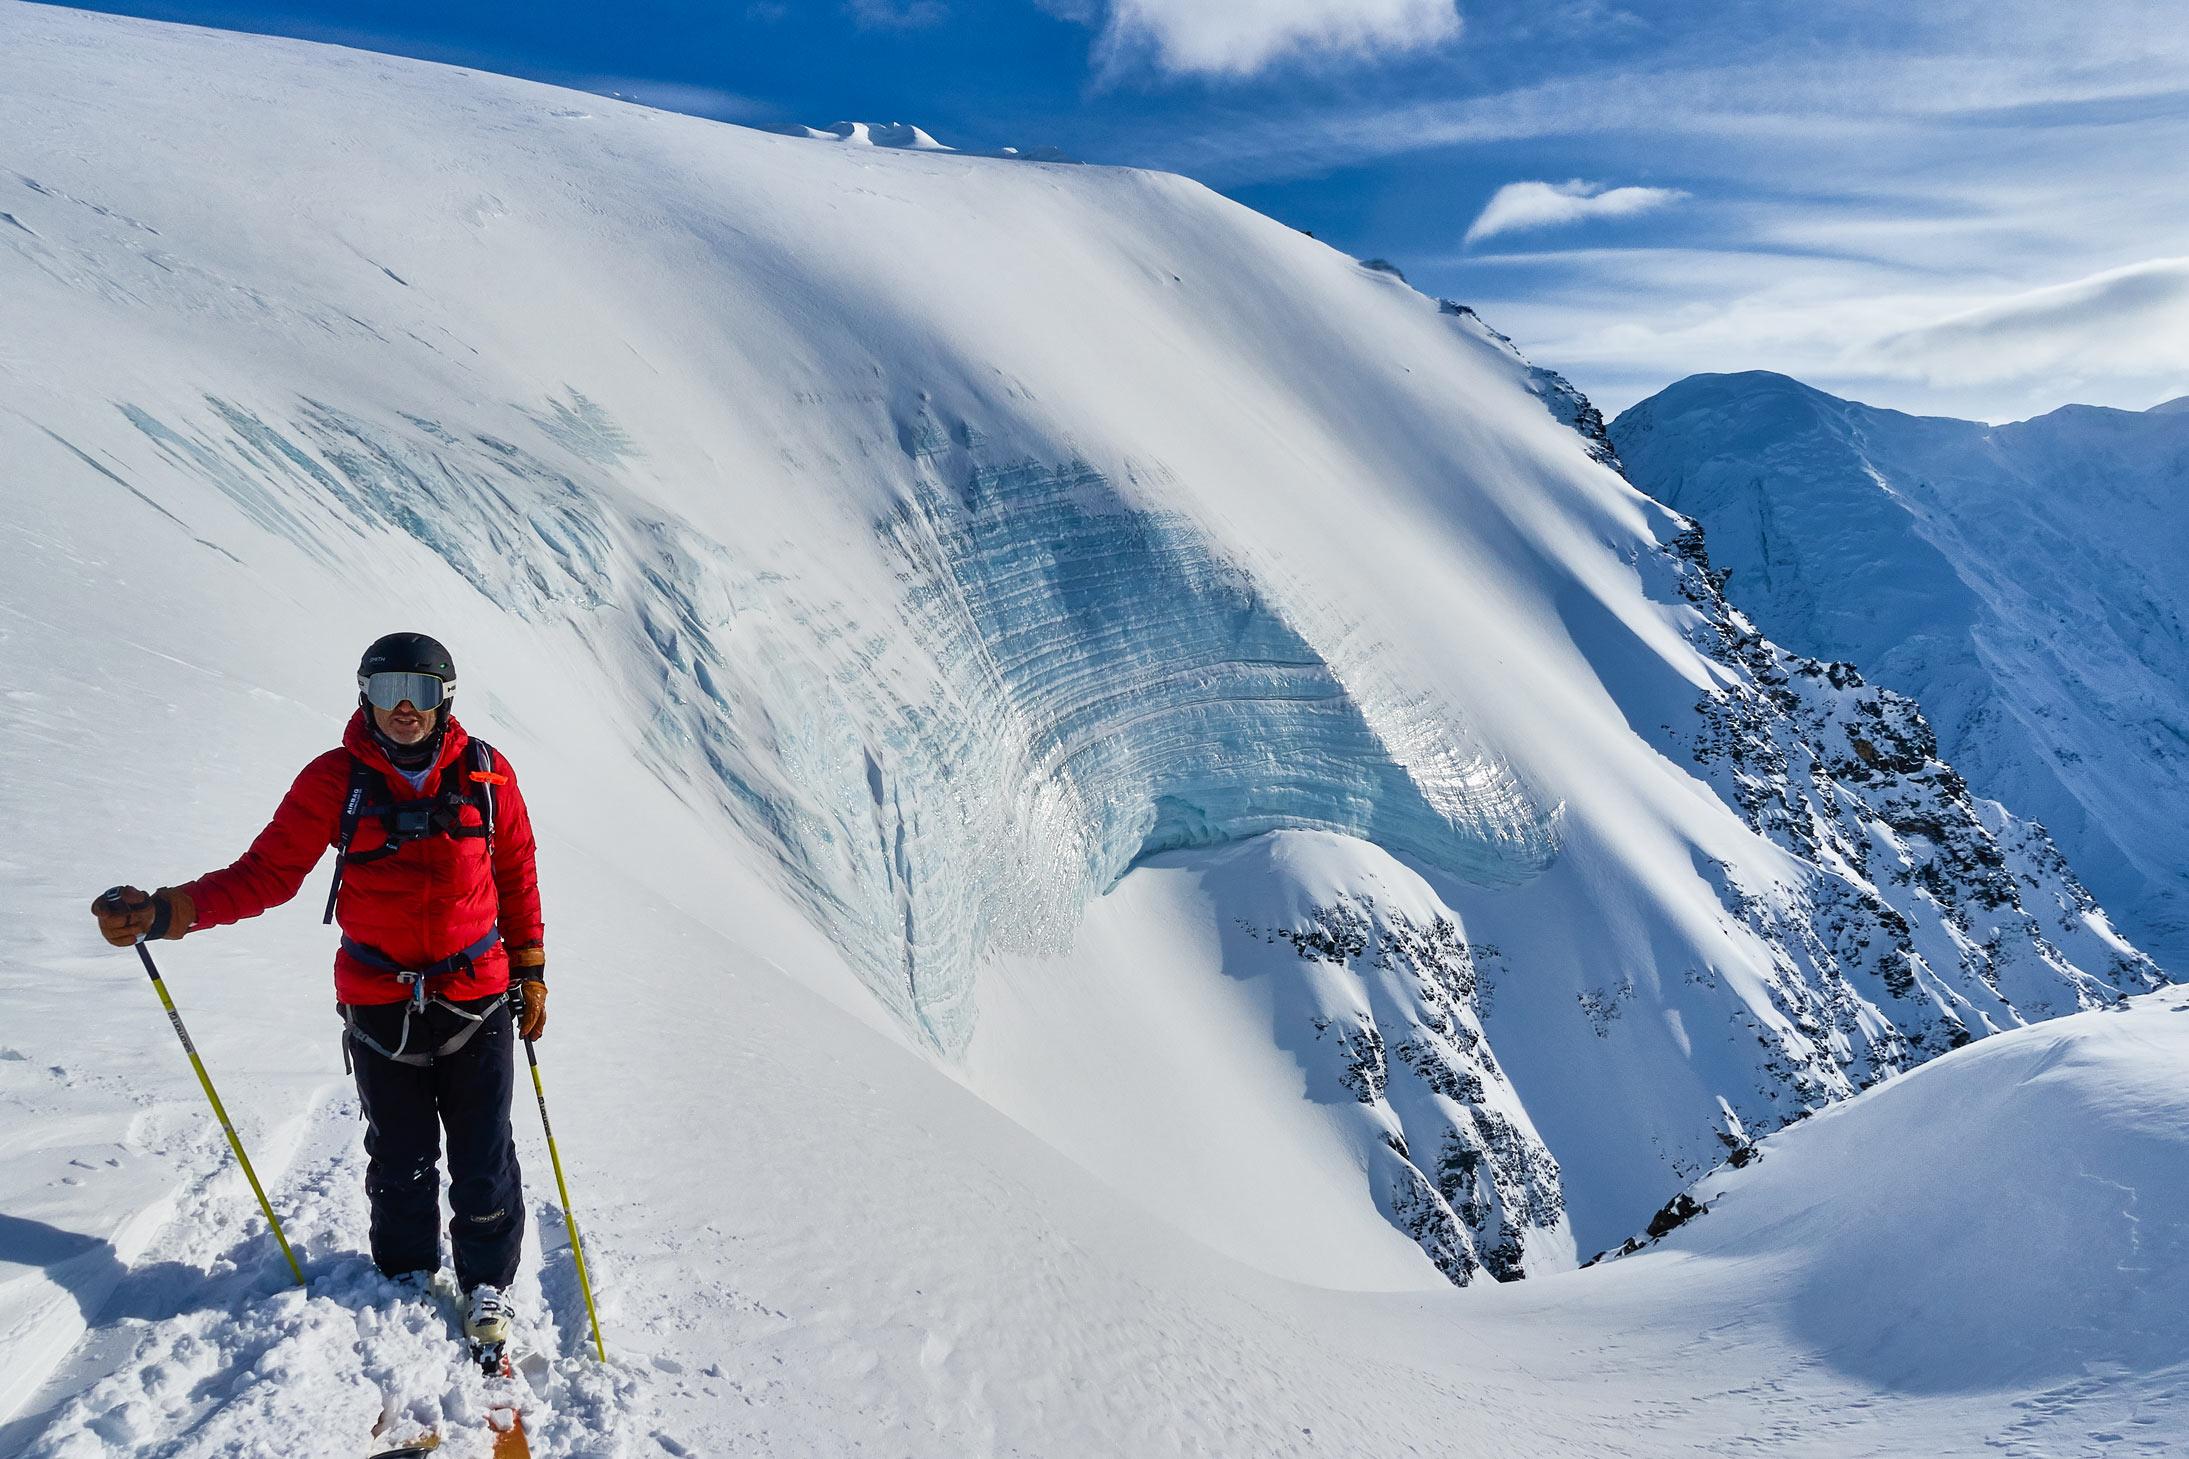 valdez heli ski guides